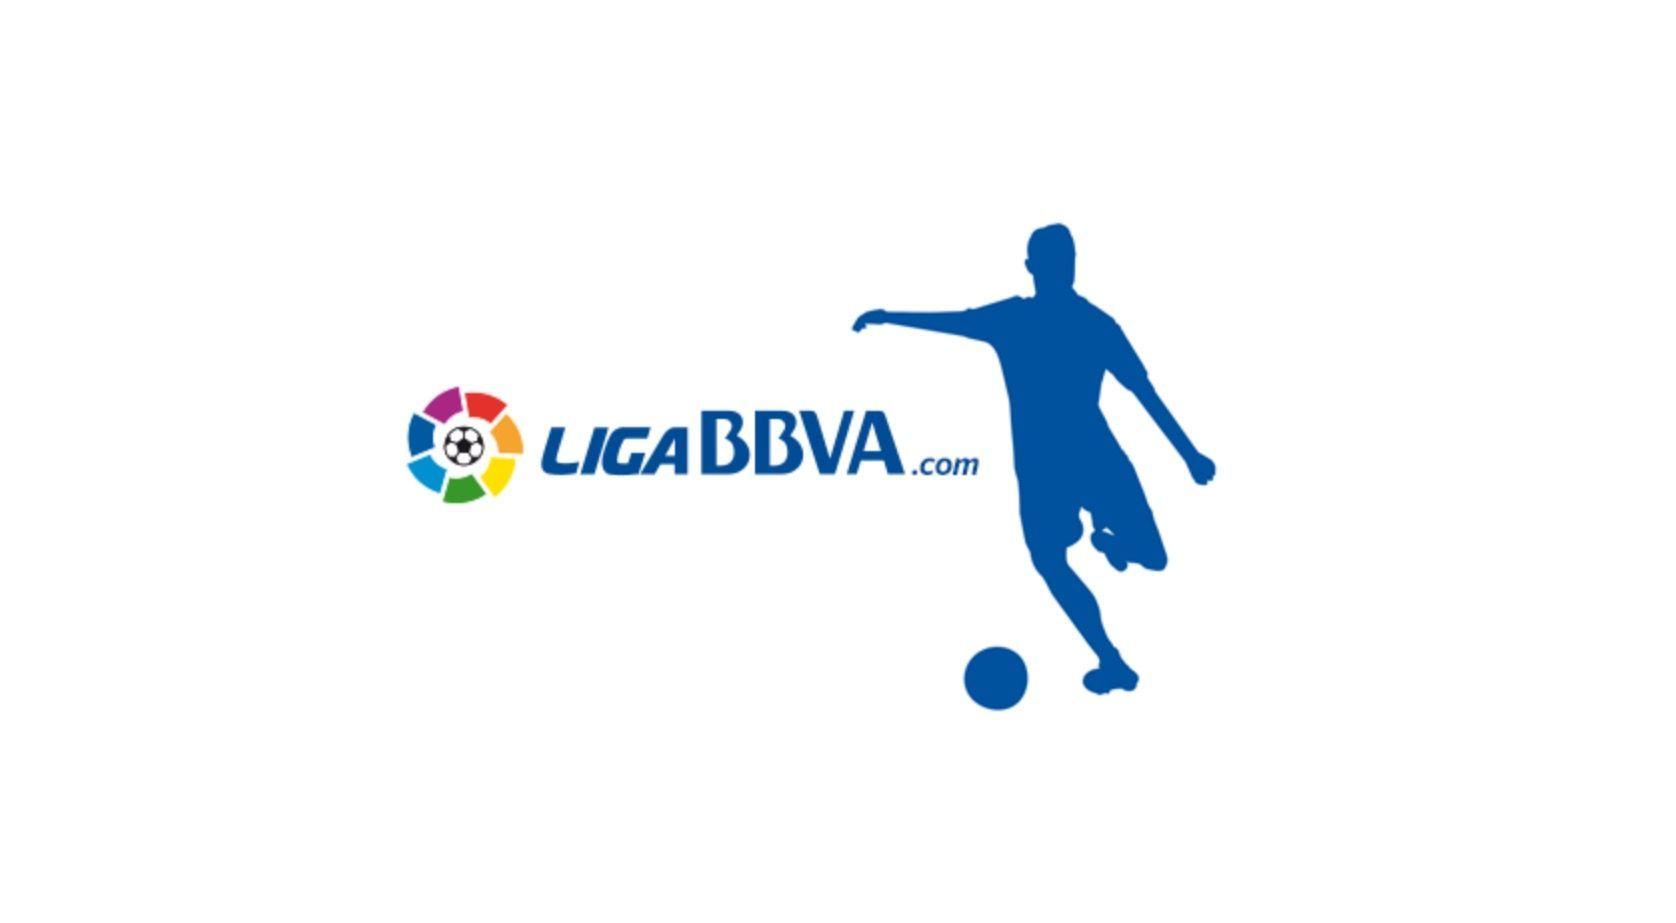 7804 - ¿Cuántos jugadores de la Liga BBVA conoces?